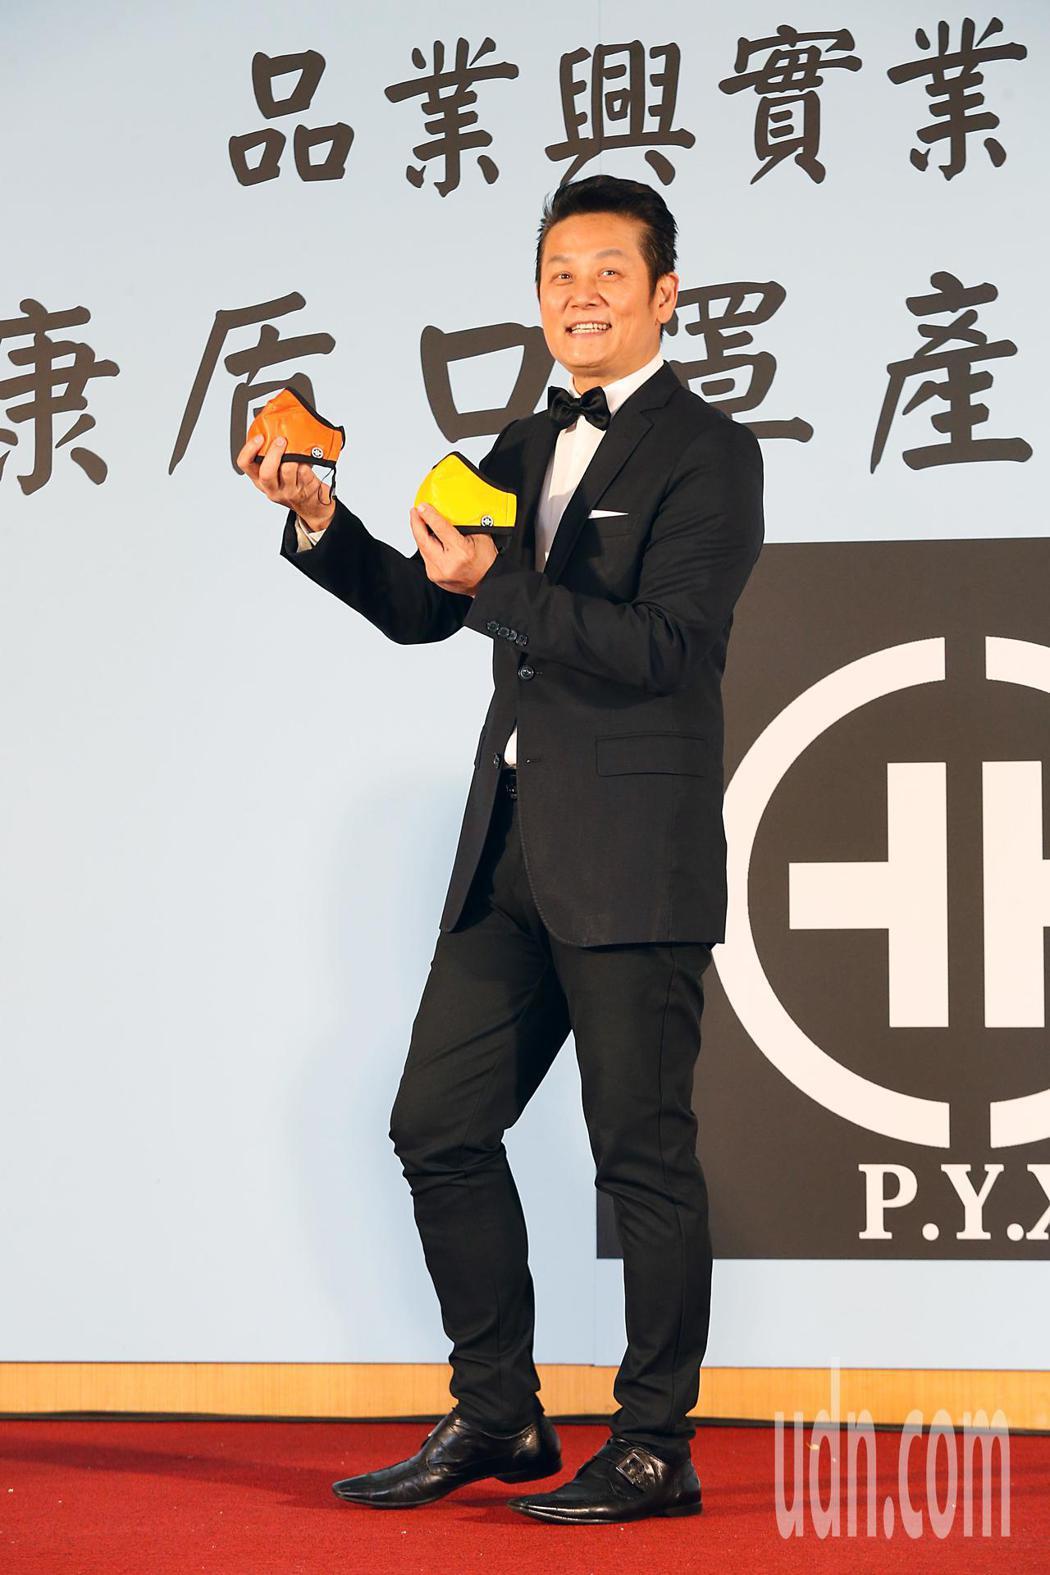 廠商推出防空汙口罩,邀請「乃哥」徐乃麟擔任代言人。記者鄭超文/攝影